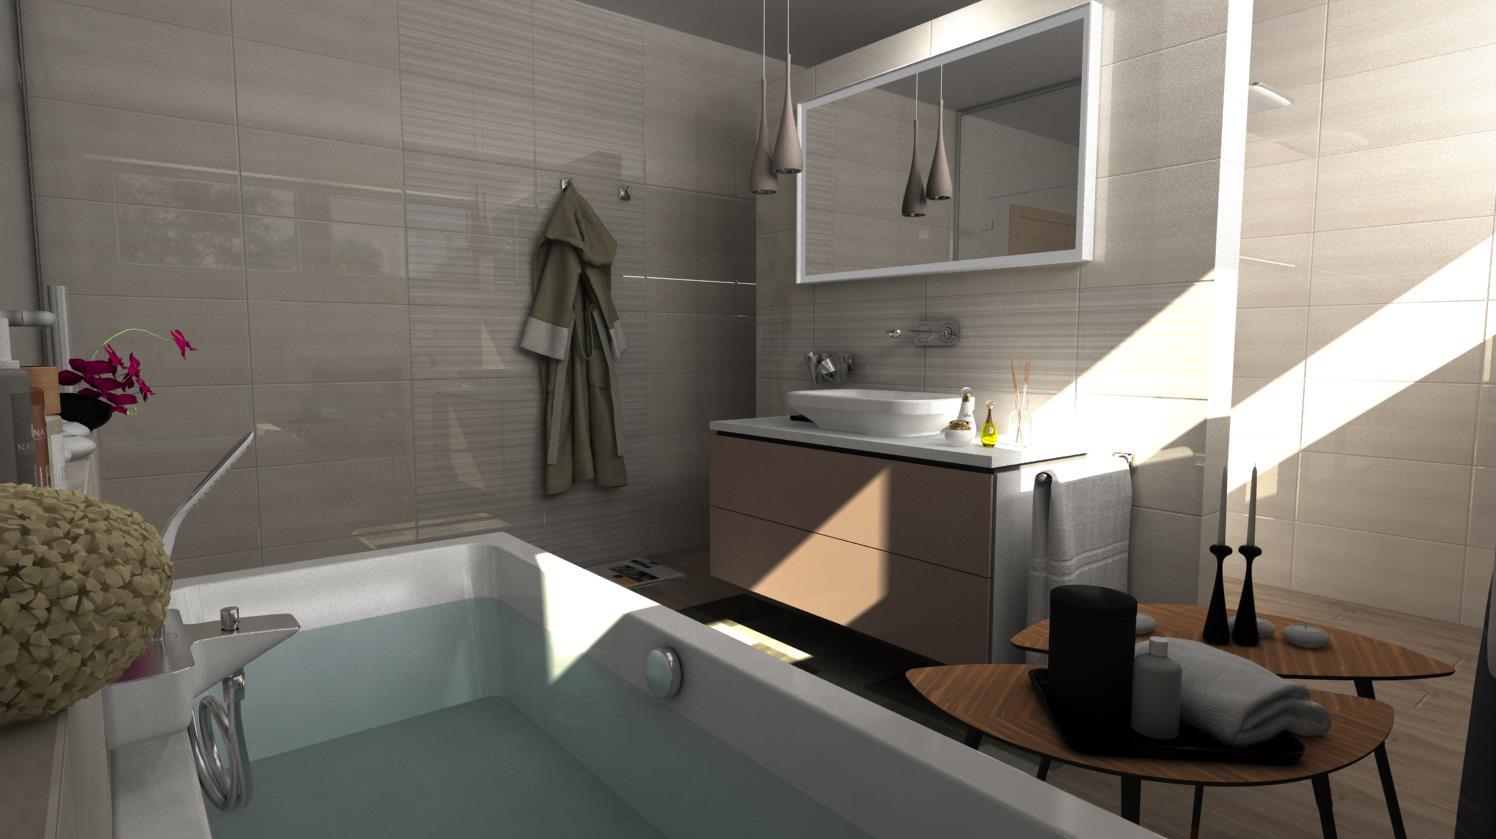 Vizualizácie kúpeľní - Obrázok č. 62